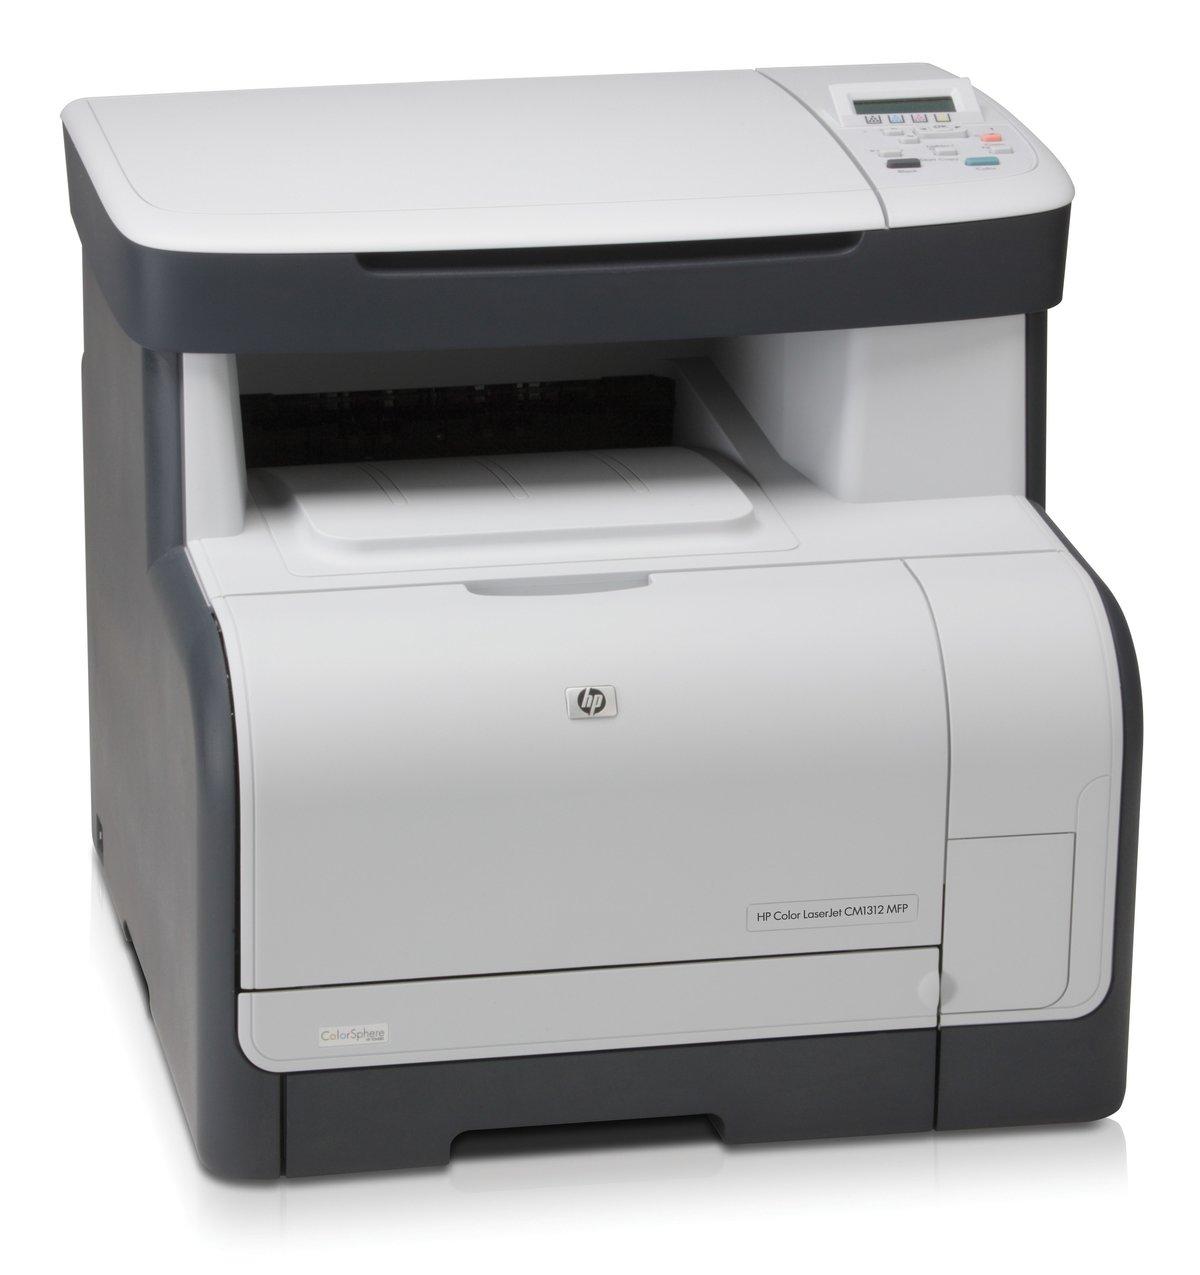 HP Color LaserJet CM1312 MFP - multifunction printer (colour) (CC430A#ABU)  | BT Shop